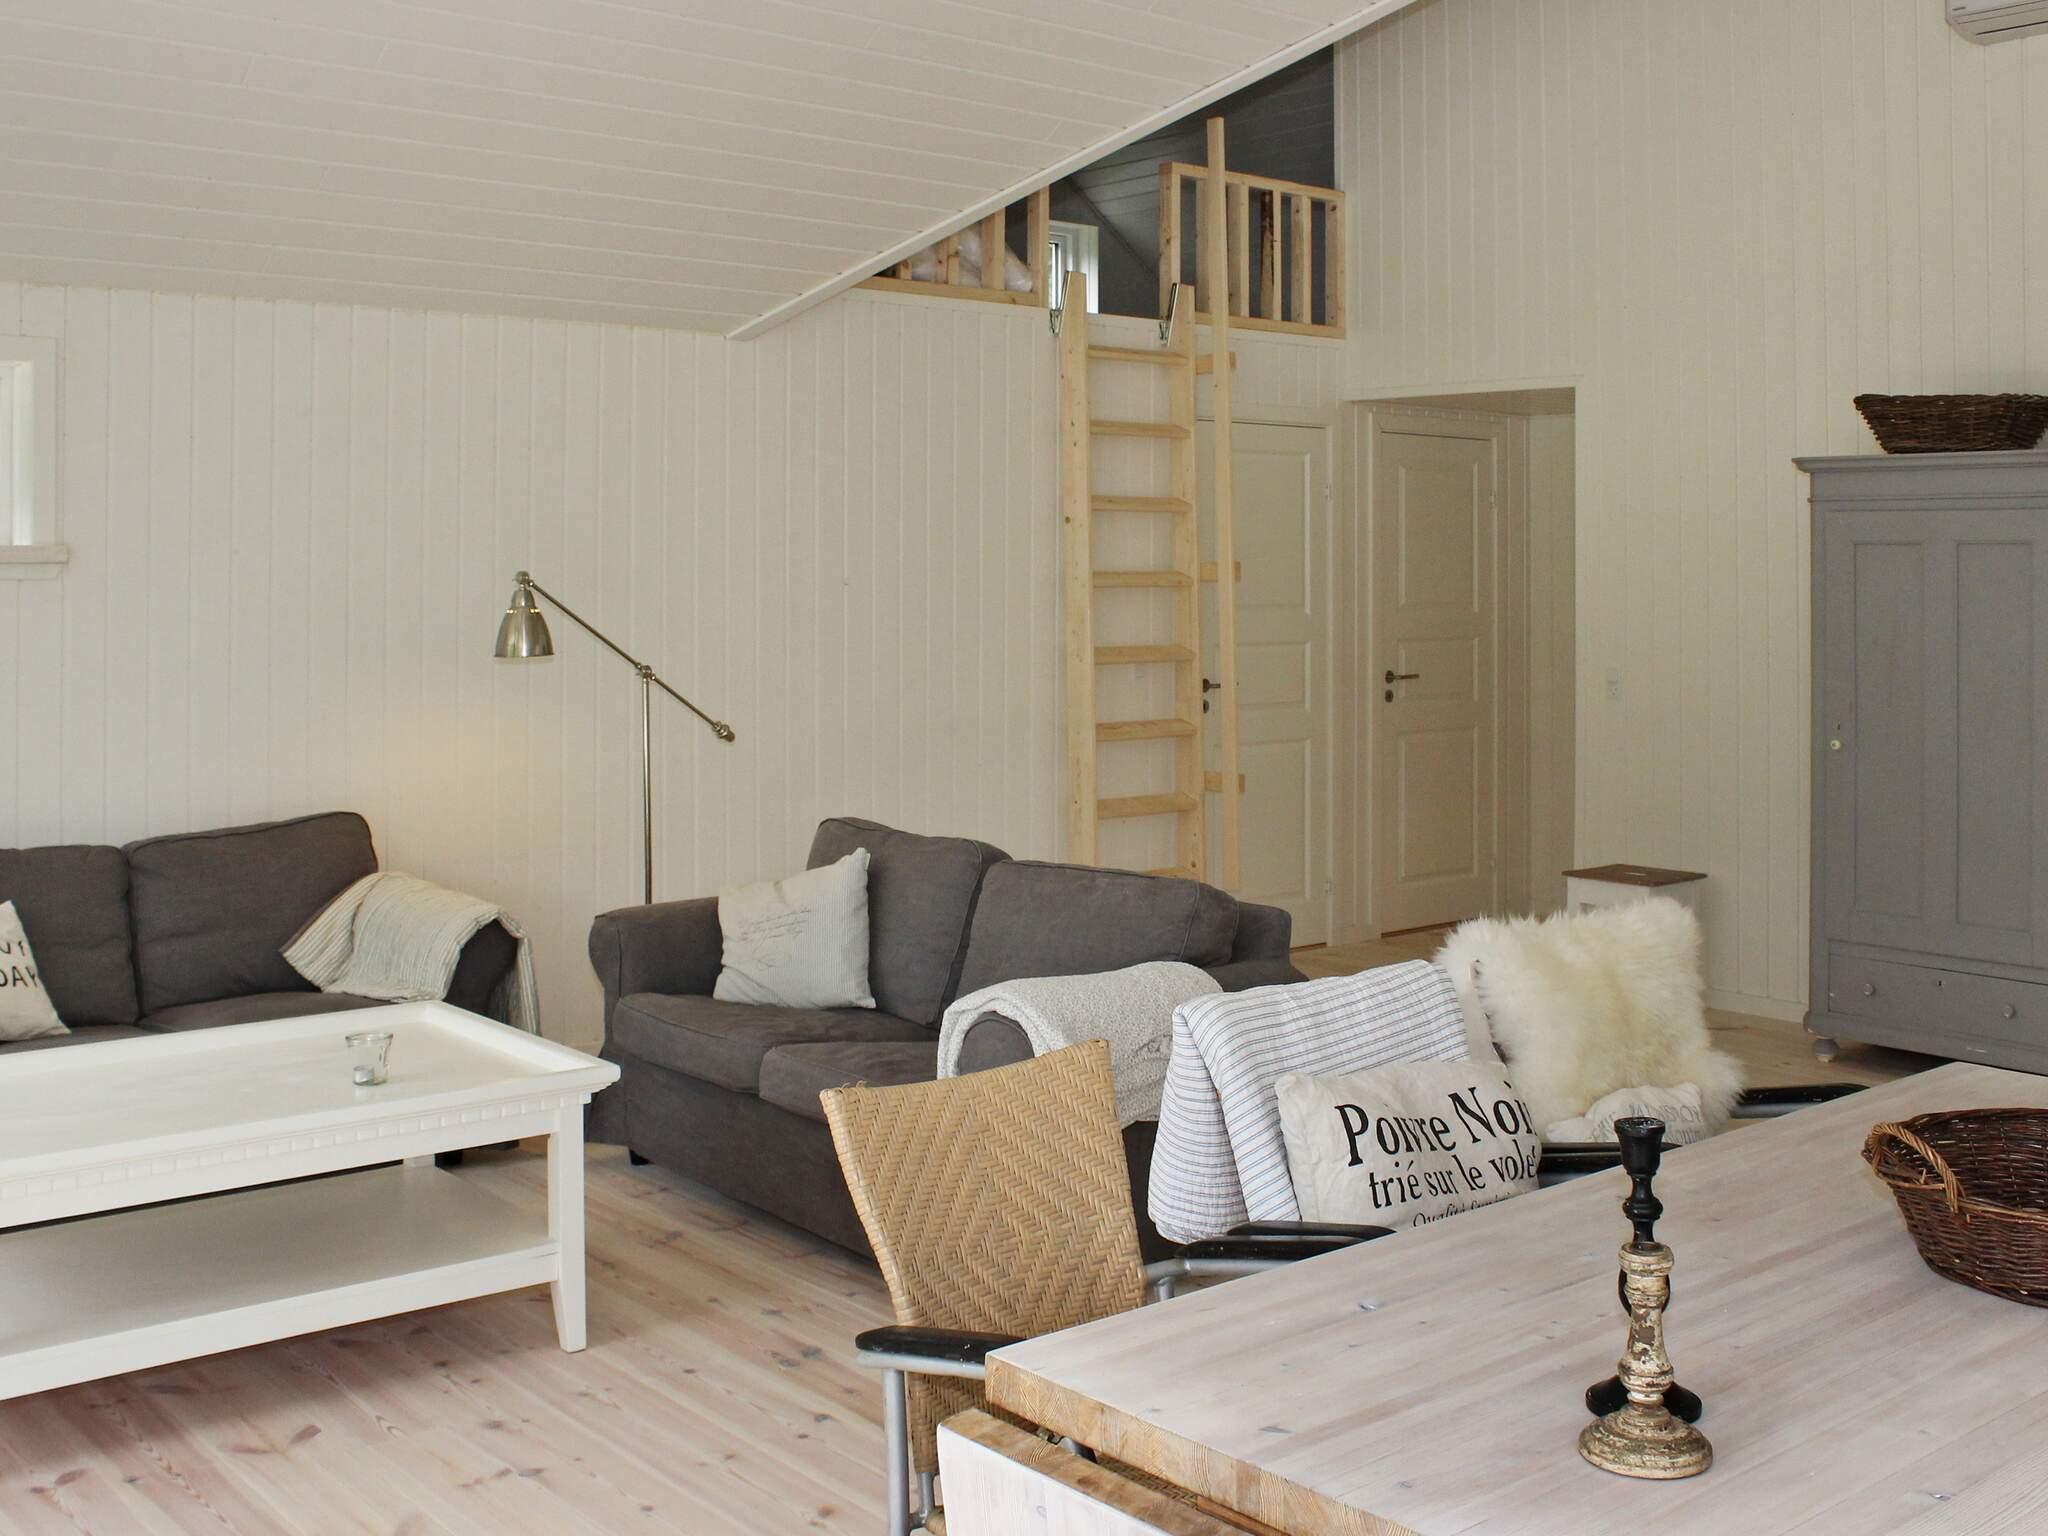 Ferienhaus Silkeborg (2523581), Silkeborg, , Ostjütland, Dänemark, Bild 24